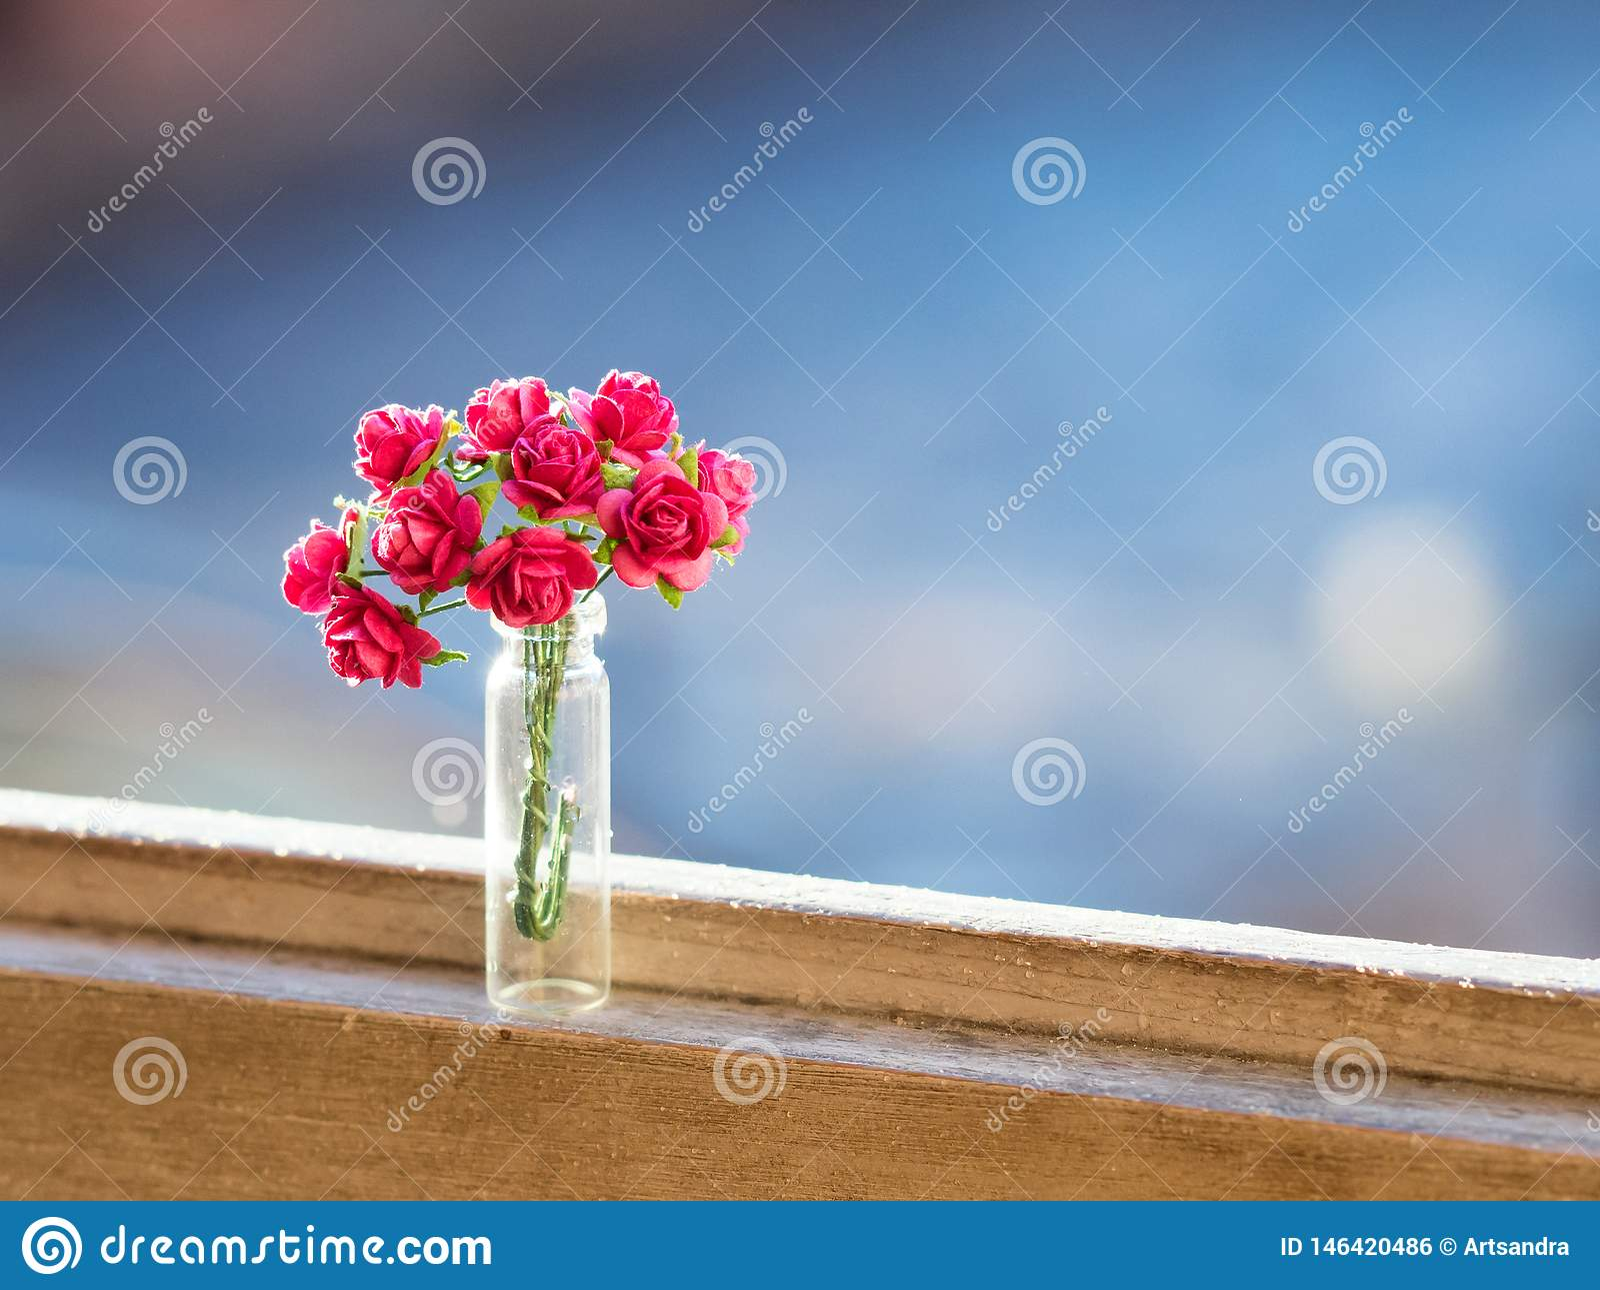 Roze rozen bloemenboeket met zachte achtergrond